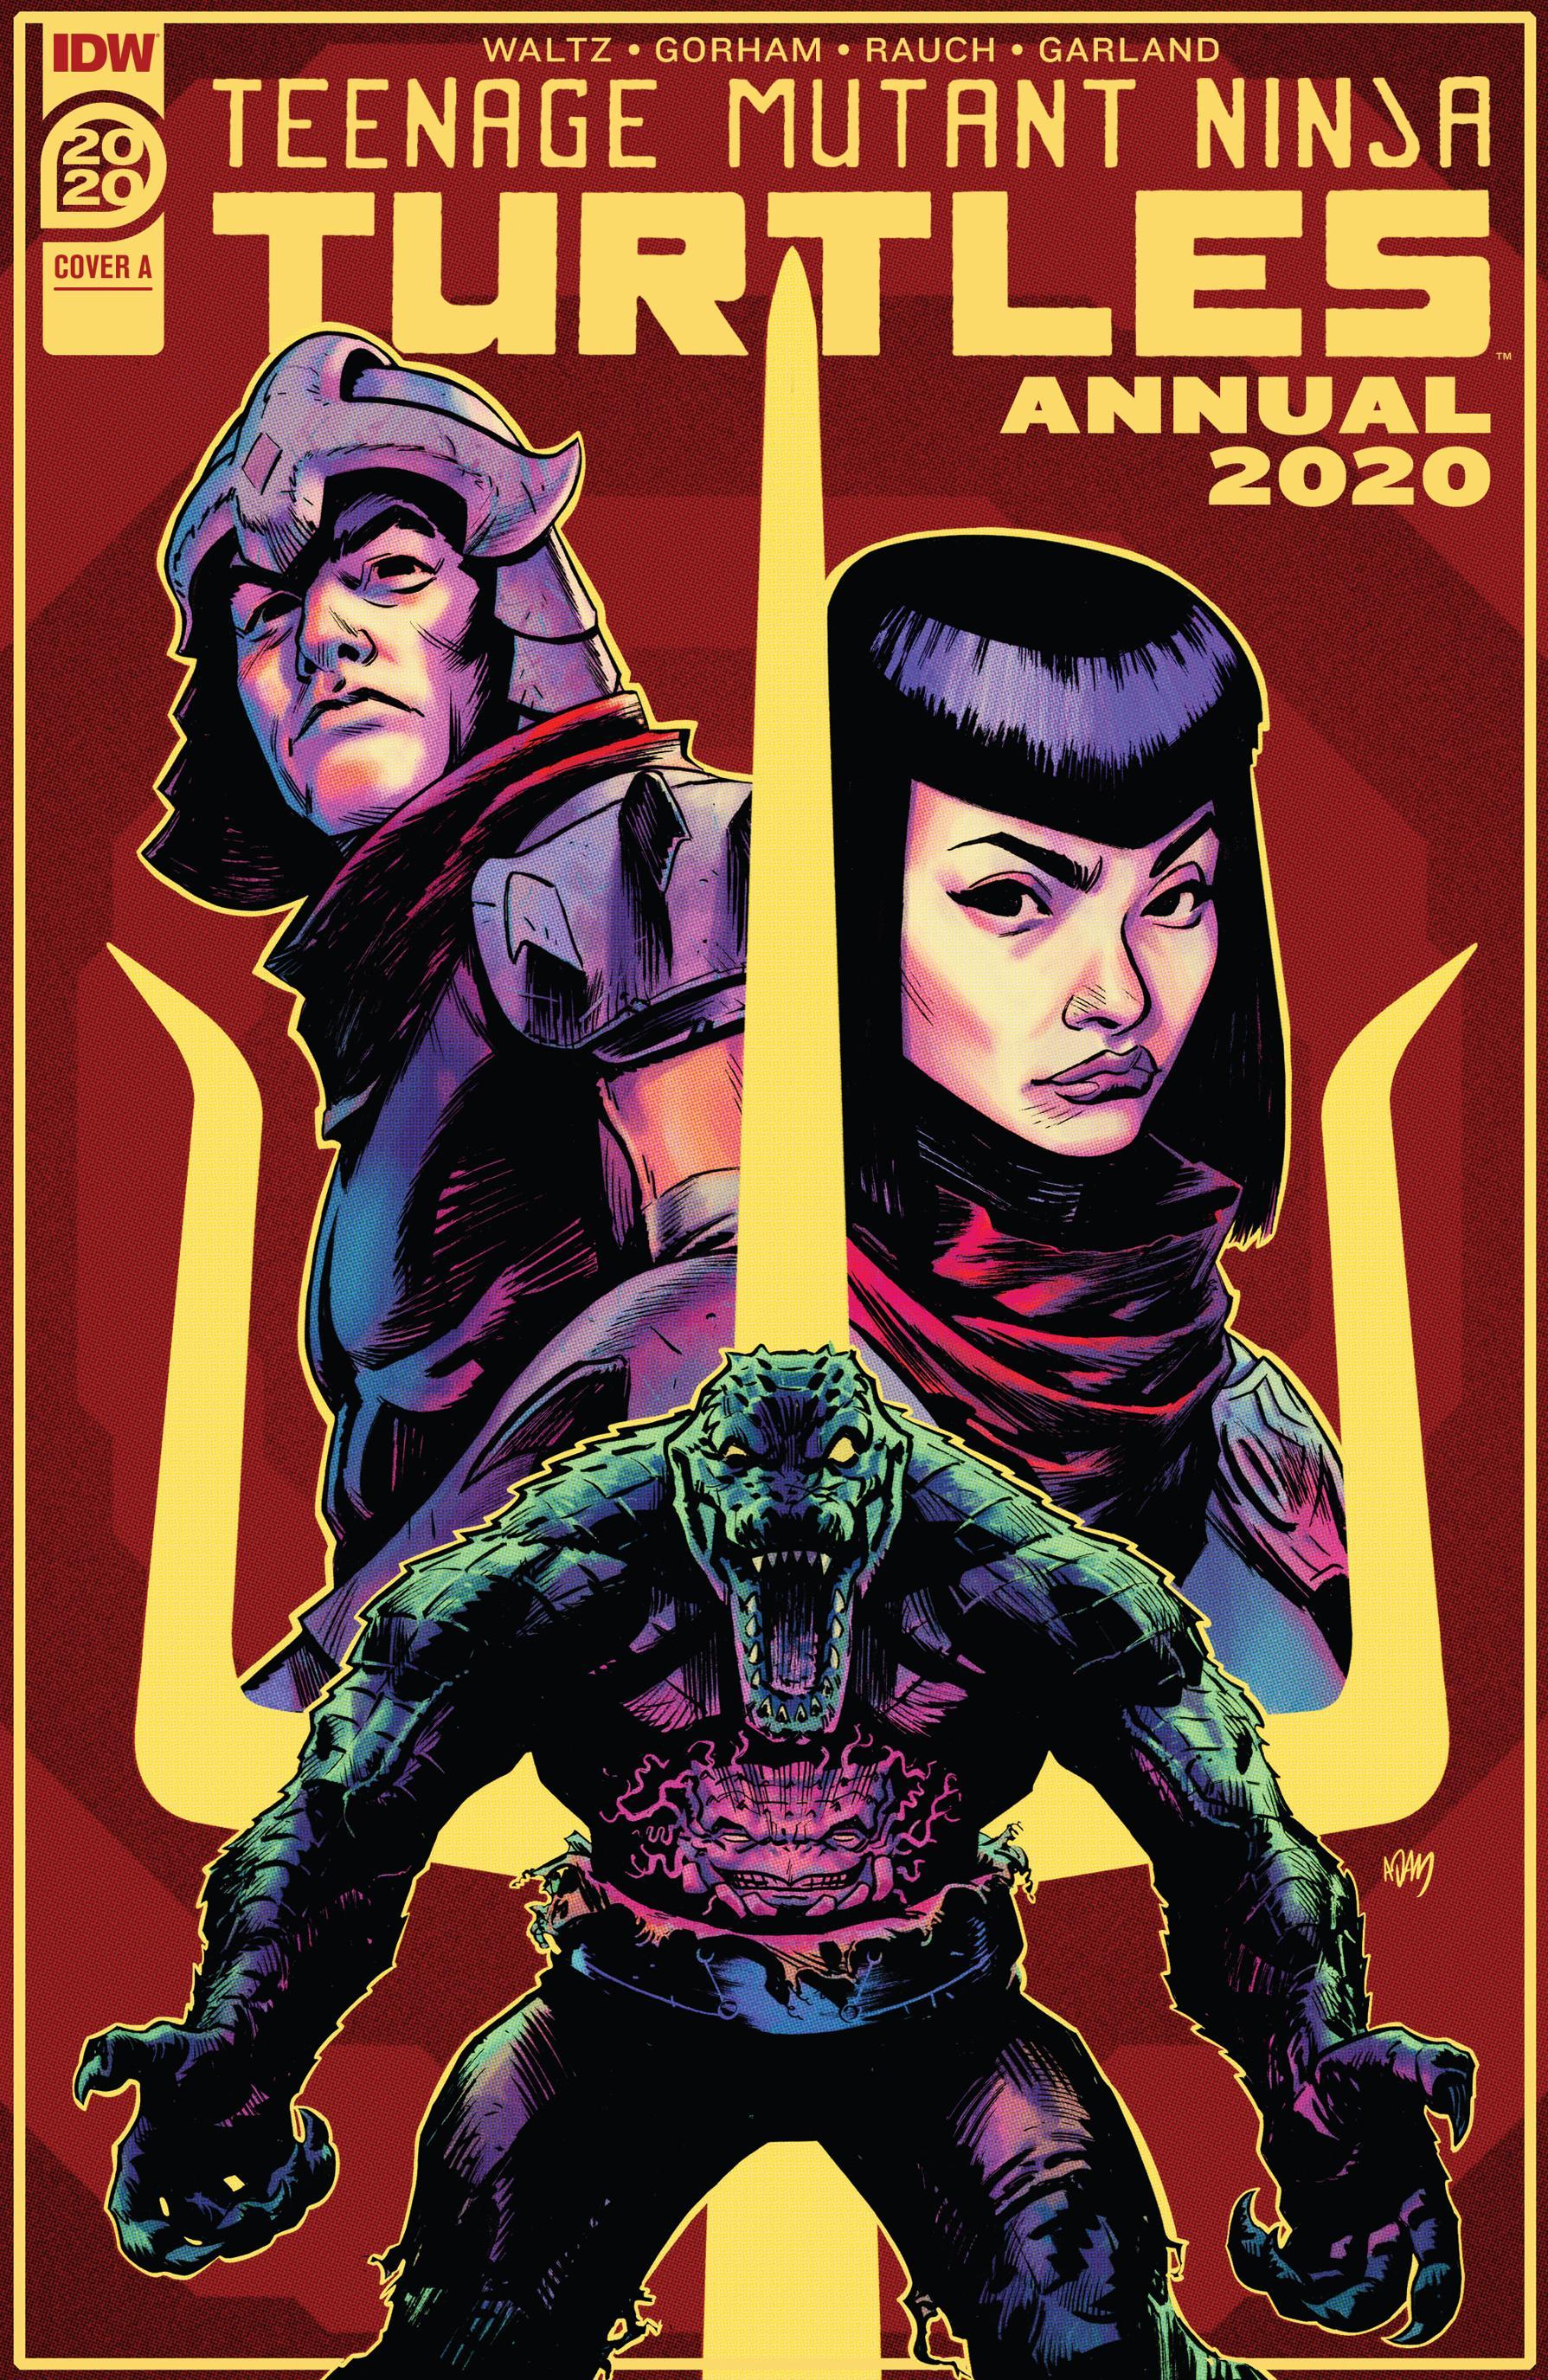 Teenage Mutant Ninja Turtles Annual 2020 (2020) (Digital) (BlackManta-Empire